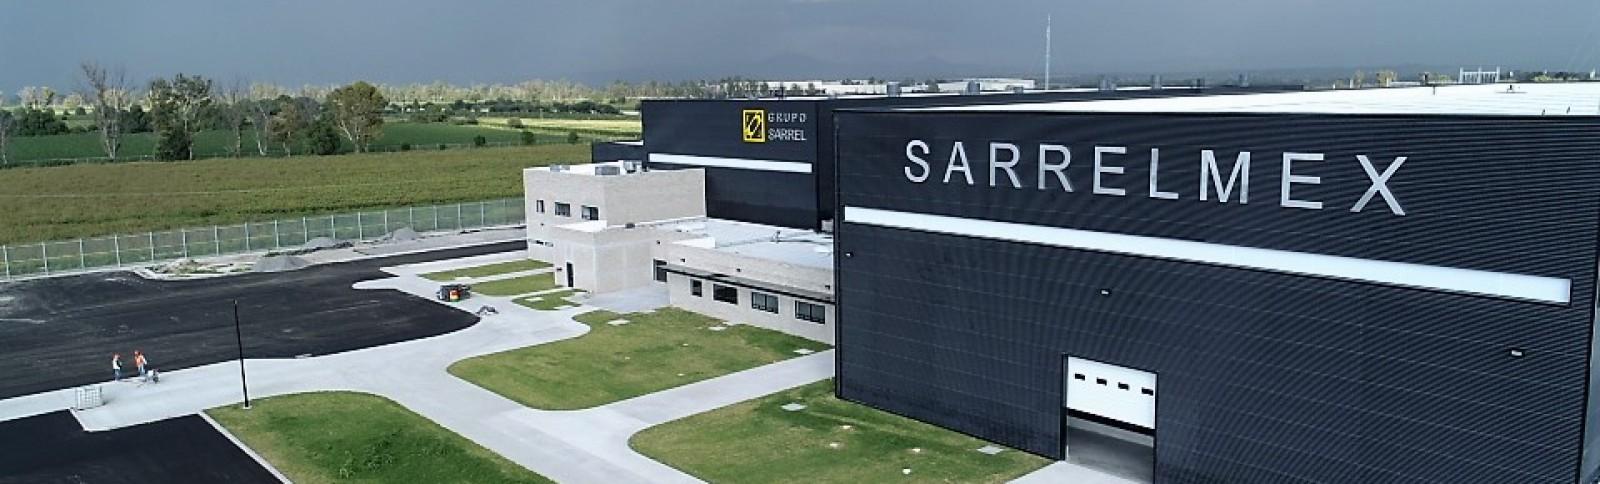 SARRELMEX